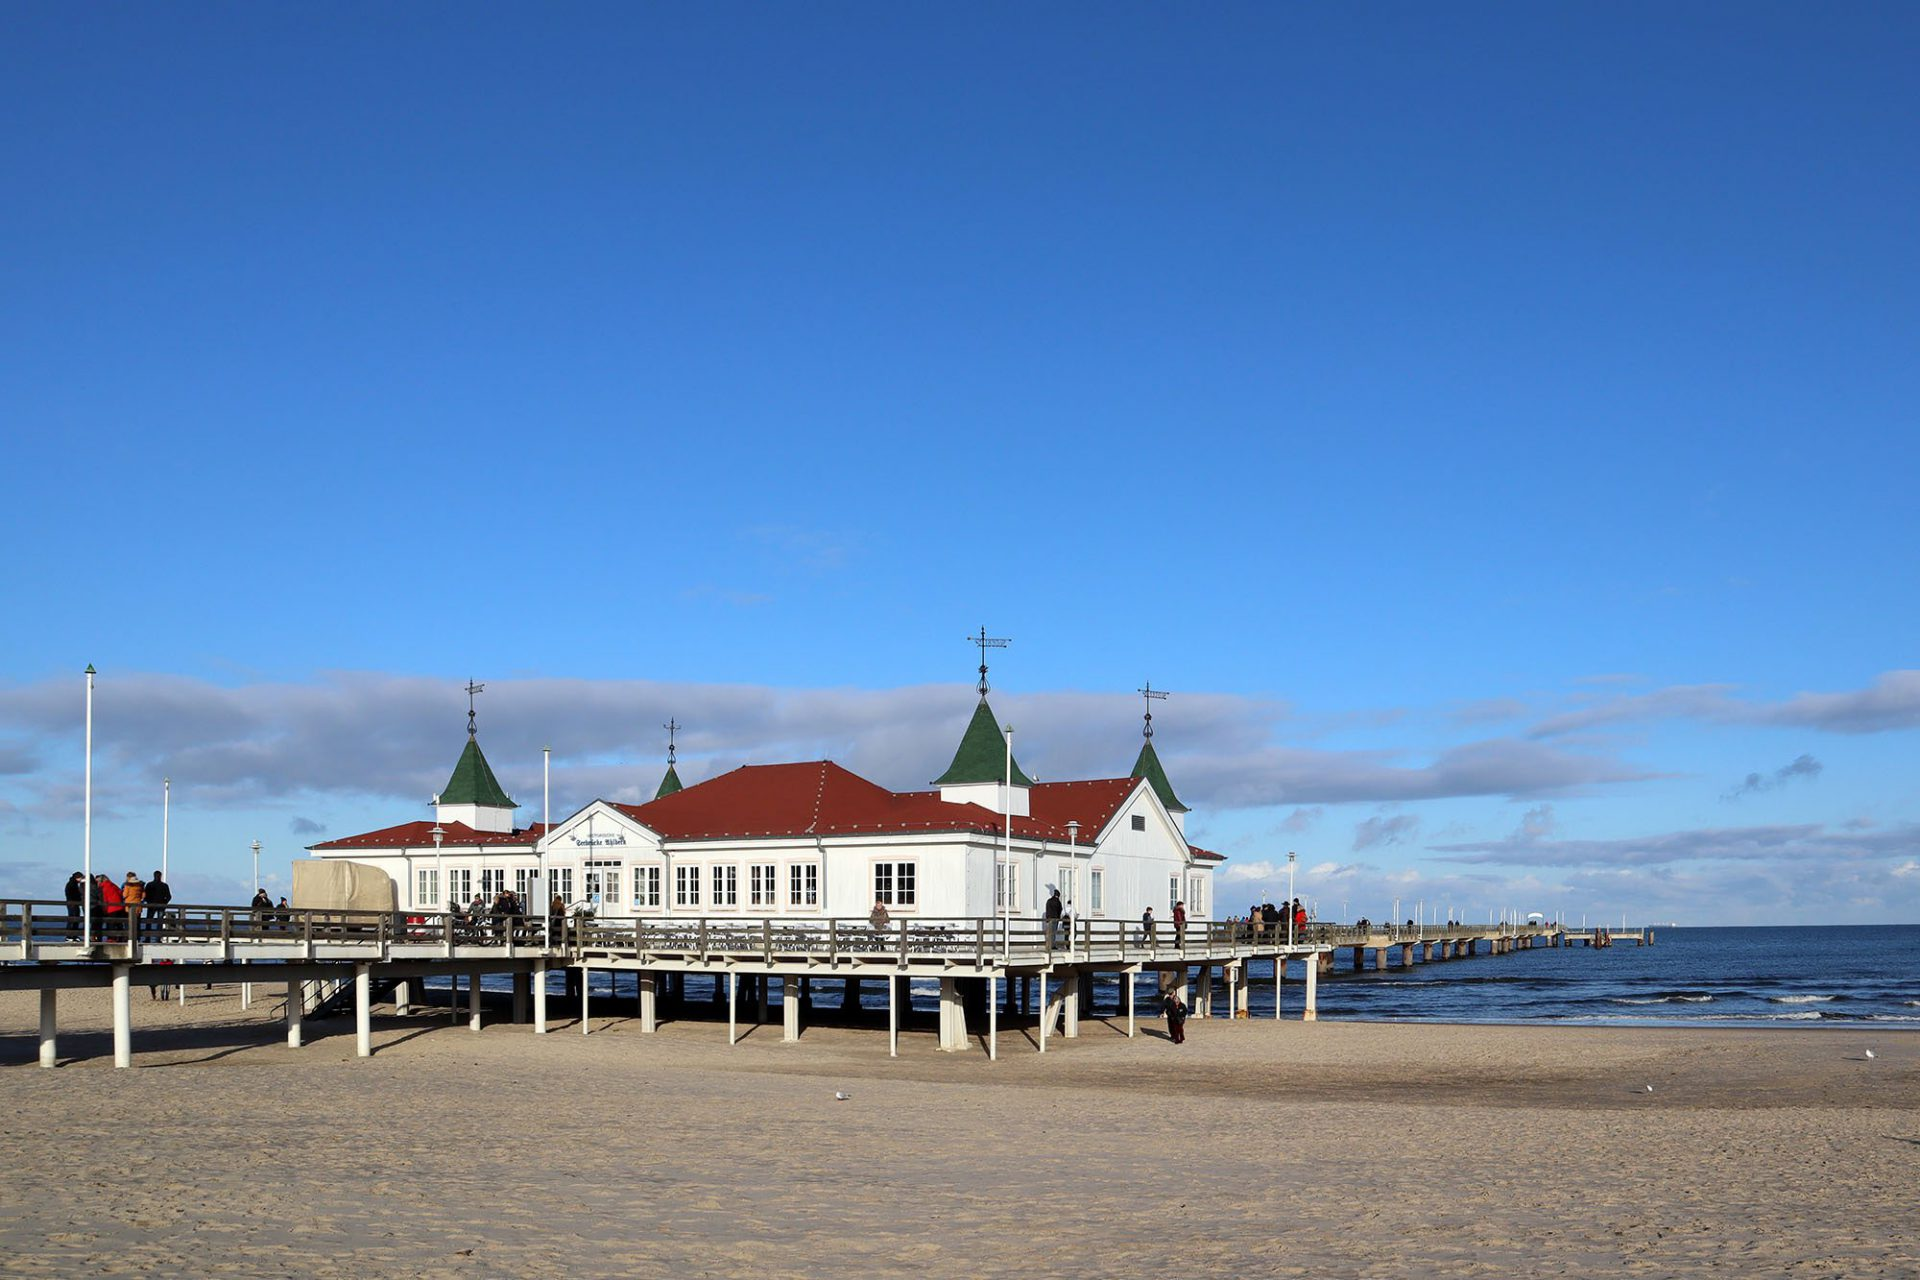 Ahlbeck. Die älteste Brücke der Insel steht einige Kilometer südöstlich. Sie entstand 1882 zunächst als über dem Meer schwebendes Ausflugslokal. 1898 kam ein Seesteg mit Schiffsanleger hinzu.